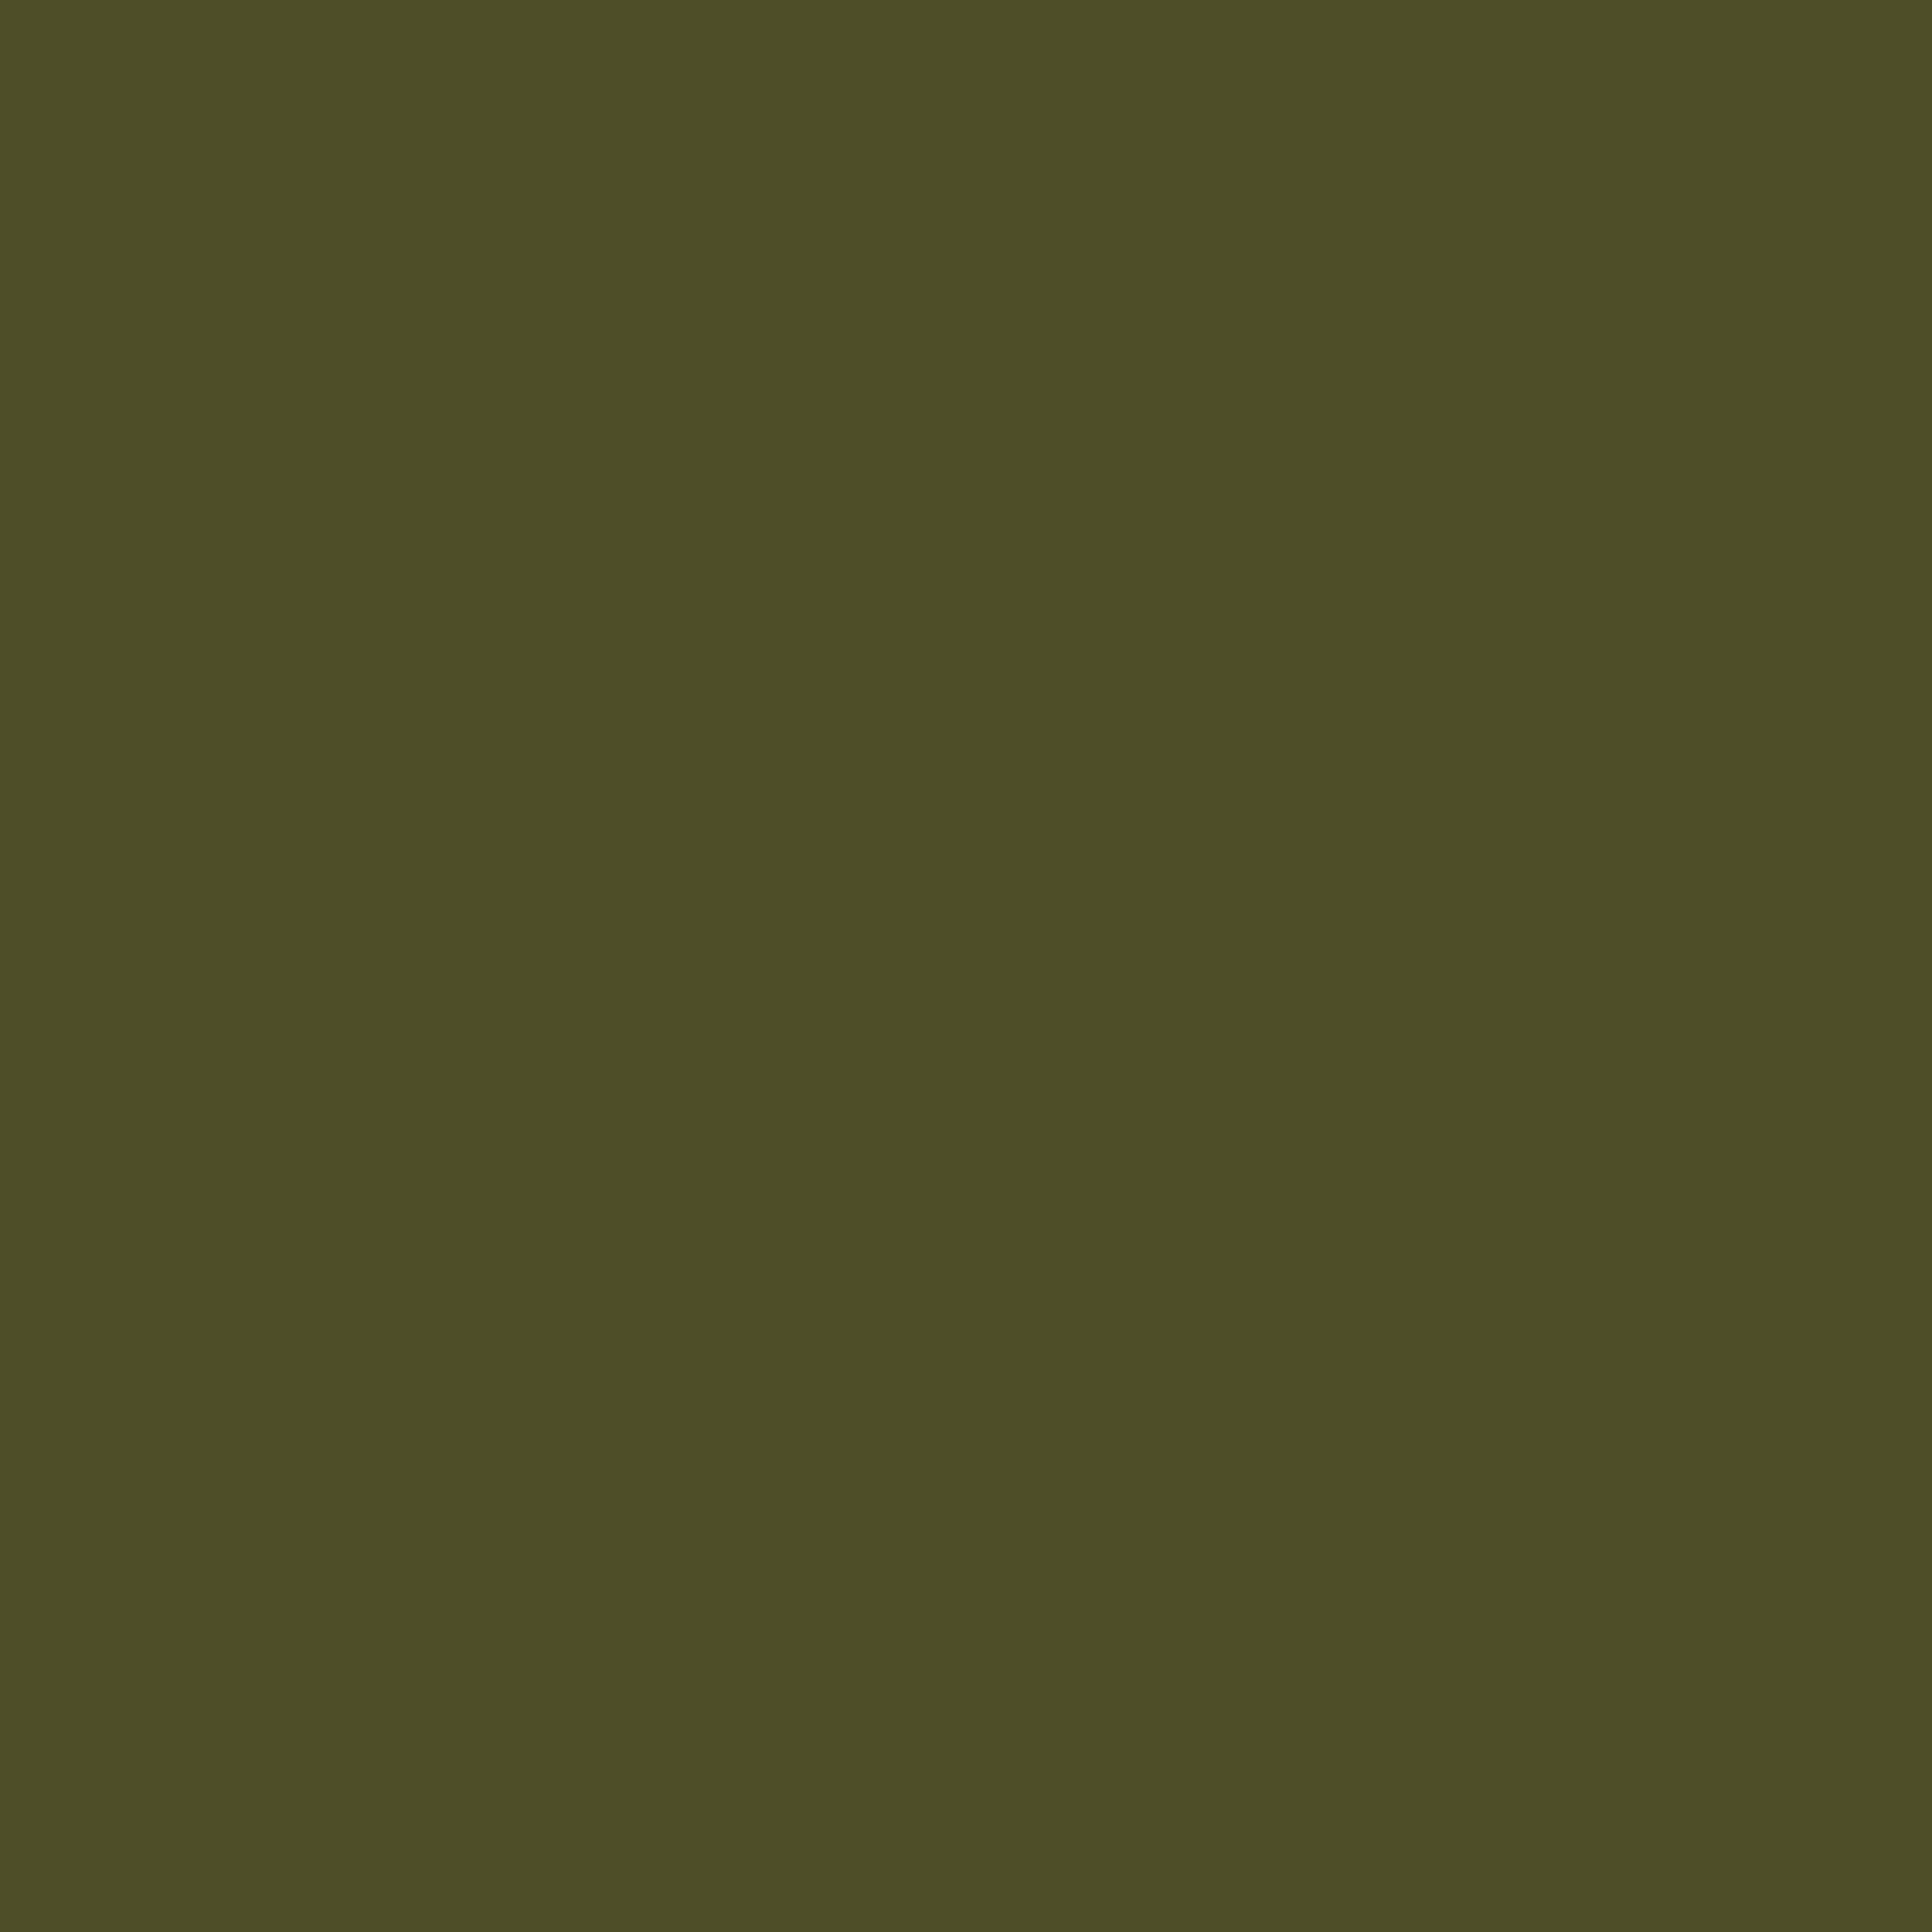 Highland grün